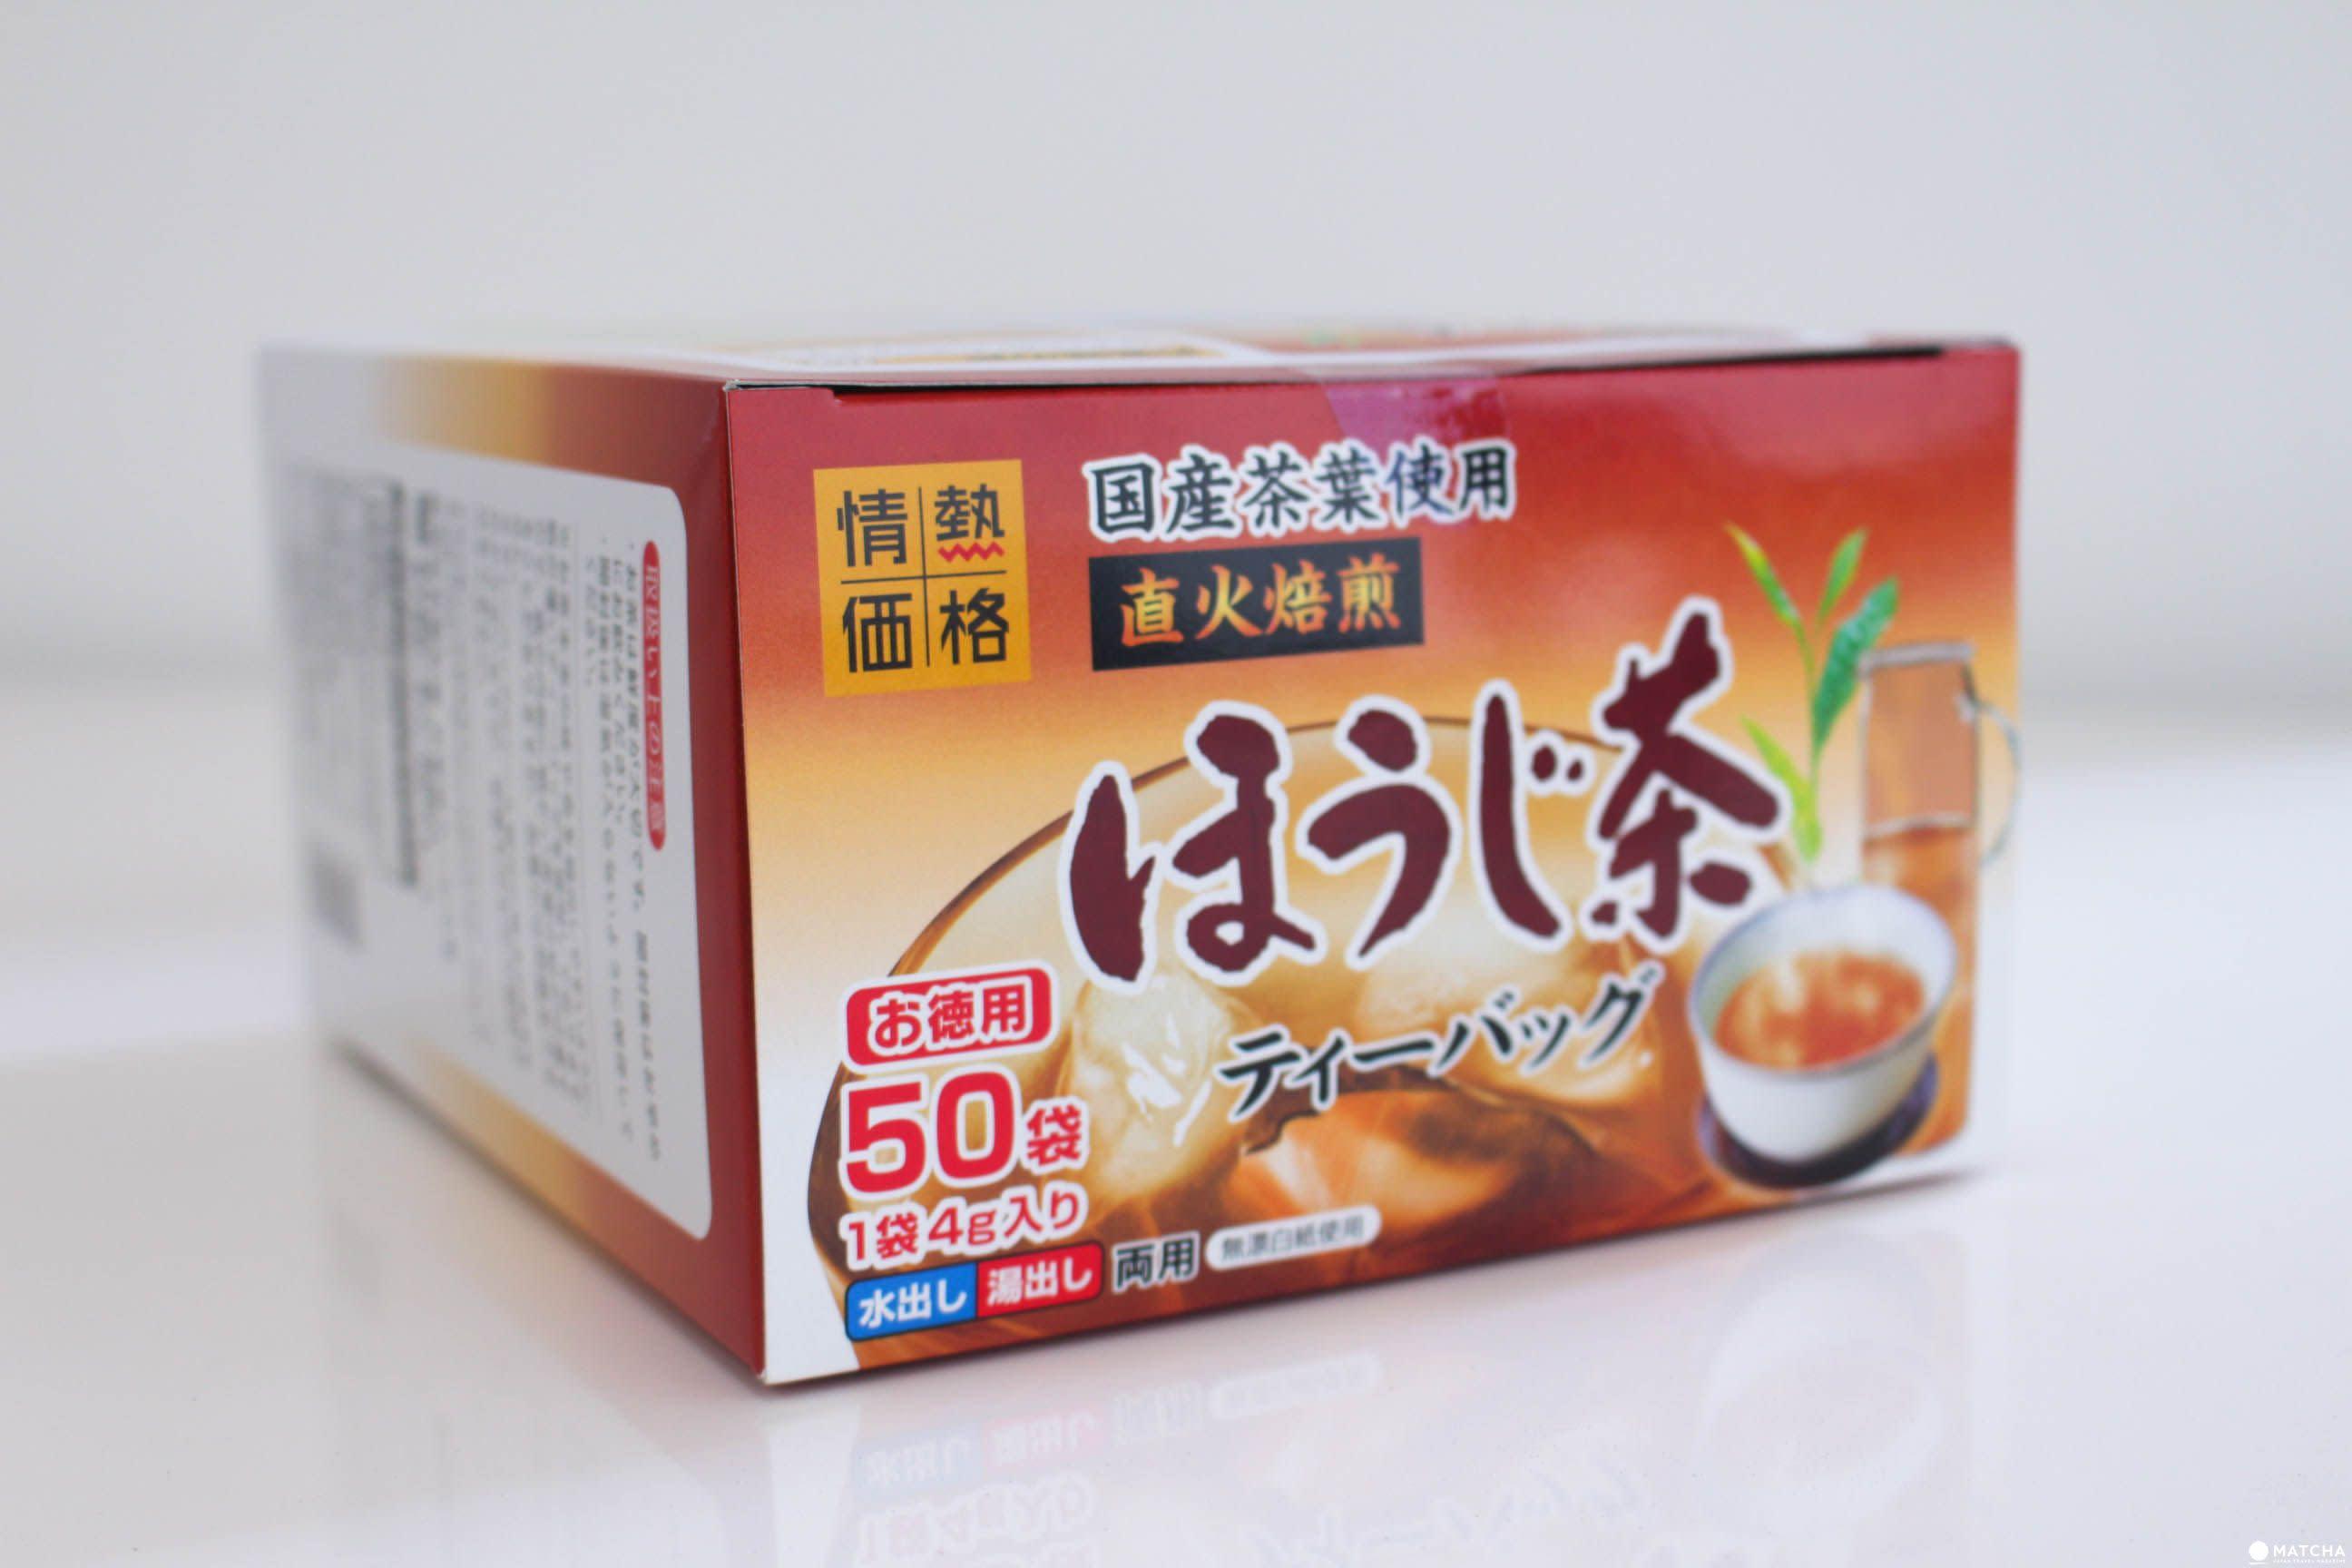 唐吉軻德激安殿堂 量販煎茶